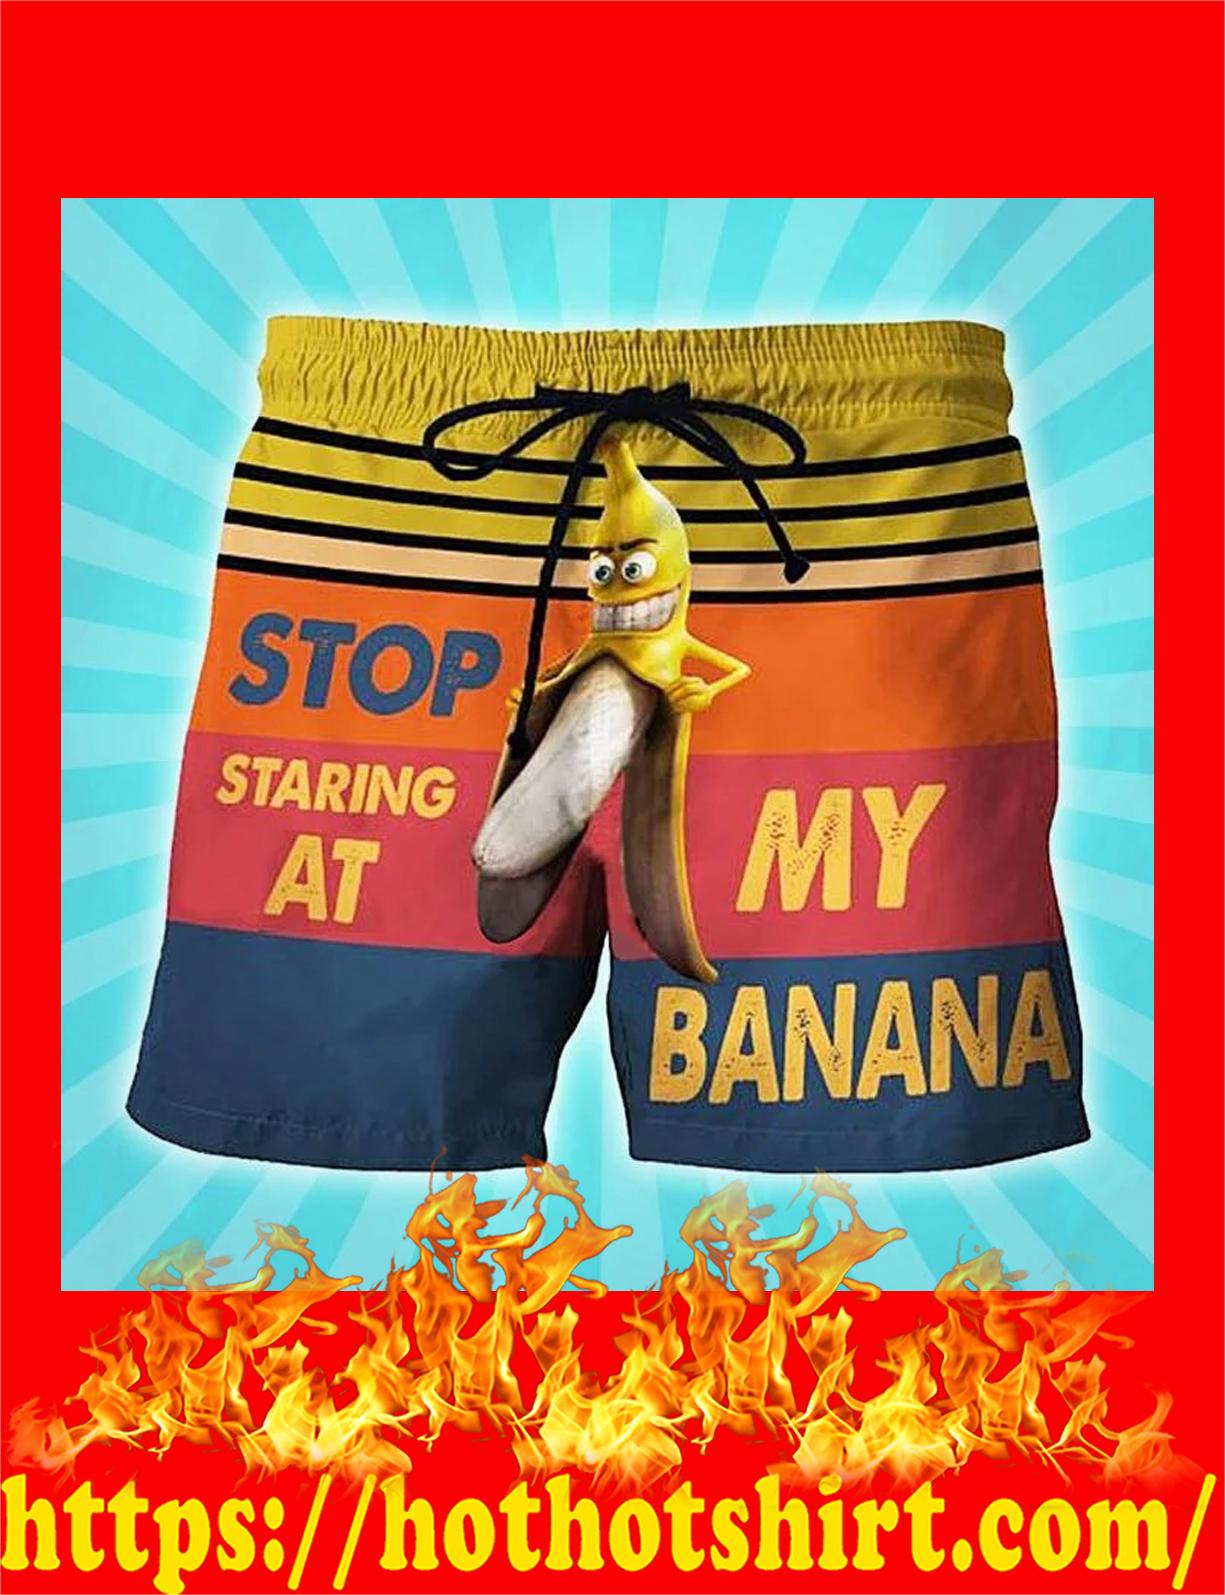 Stop staring at my banana short - detail